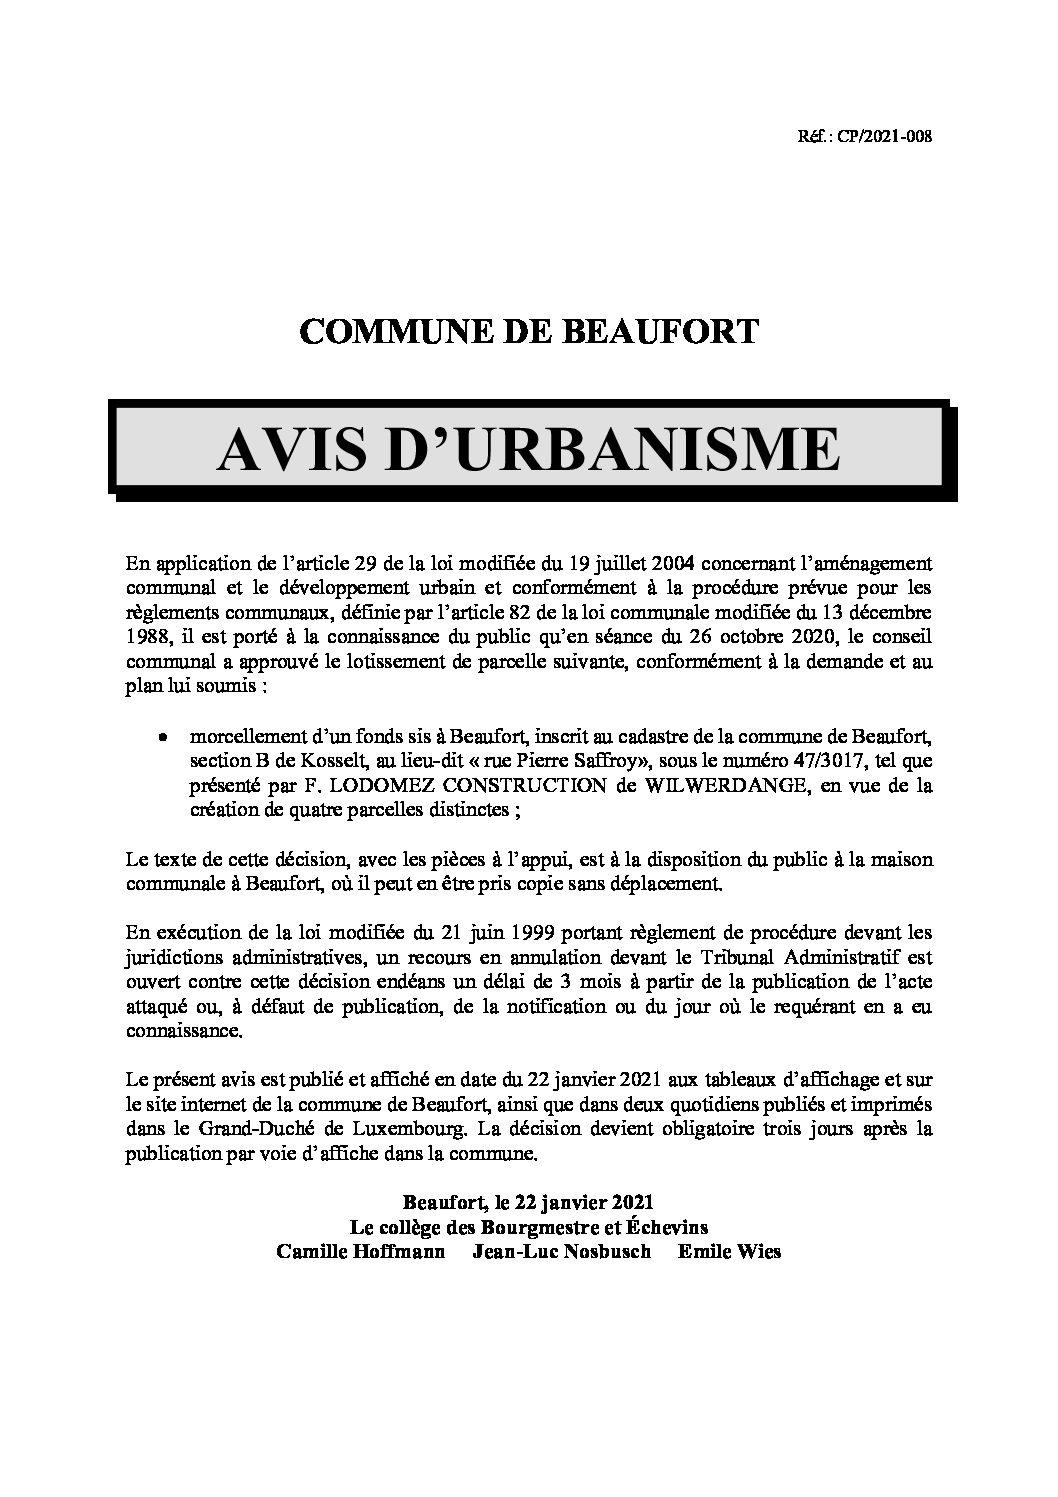 Avis morcellement rue Pierre Saffroy